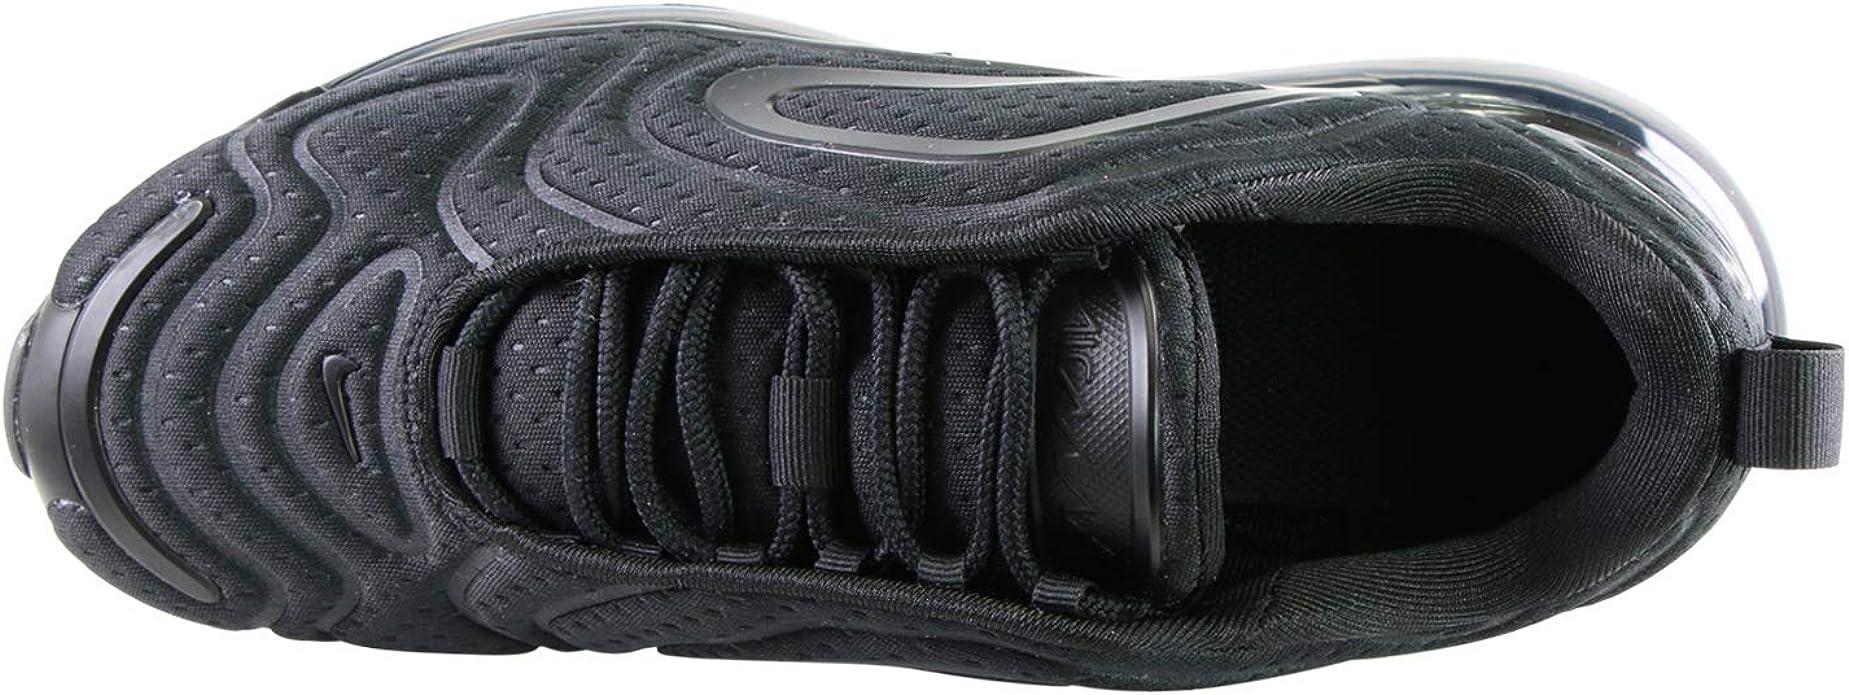 Nike Air Max 720, Scarpe da Campo e da Pista Bambino